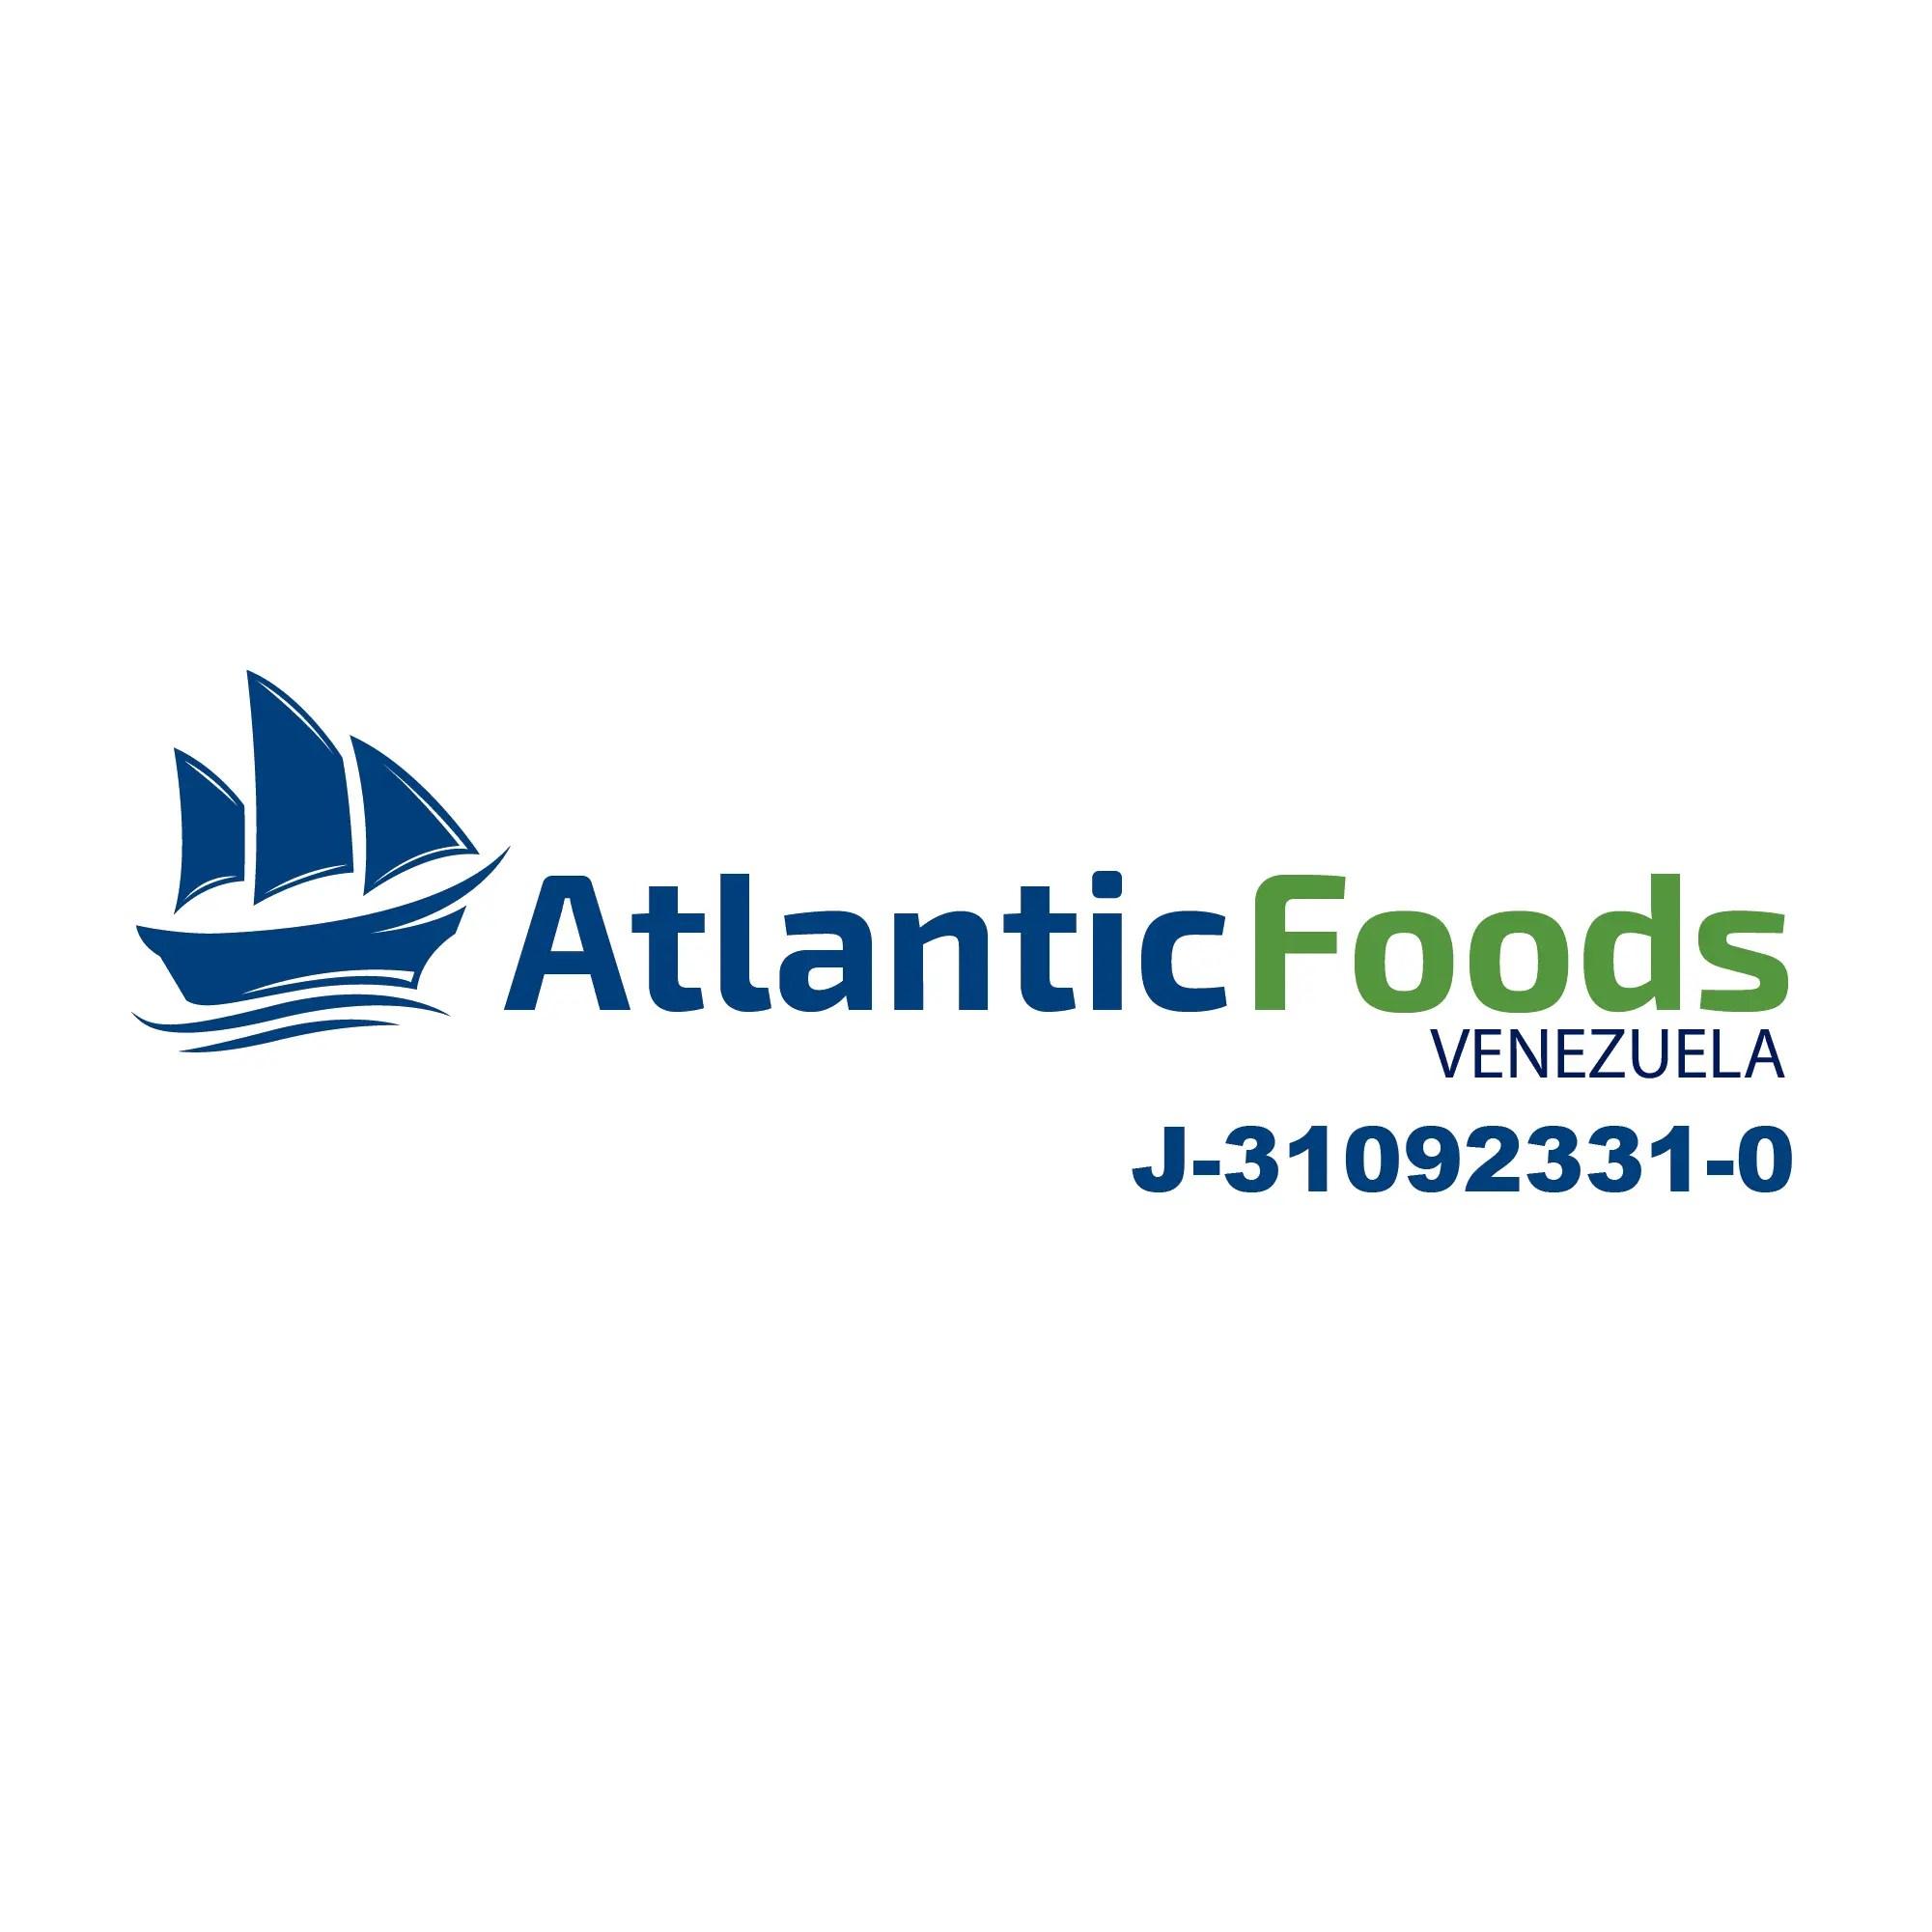 ATLANTIC FOODS & DELICATESSE C.A